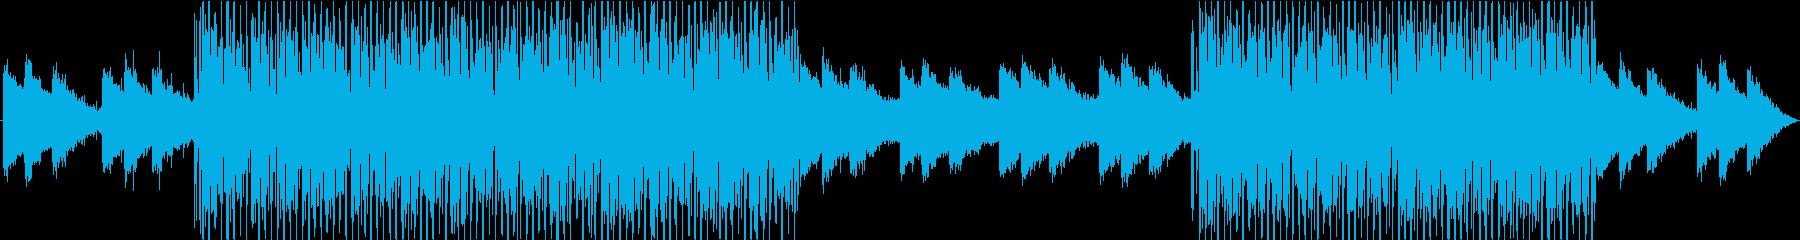 電子ソフトチルアウトの再生済みの波形